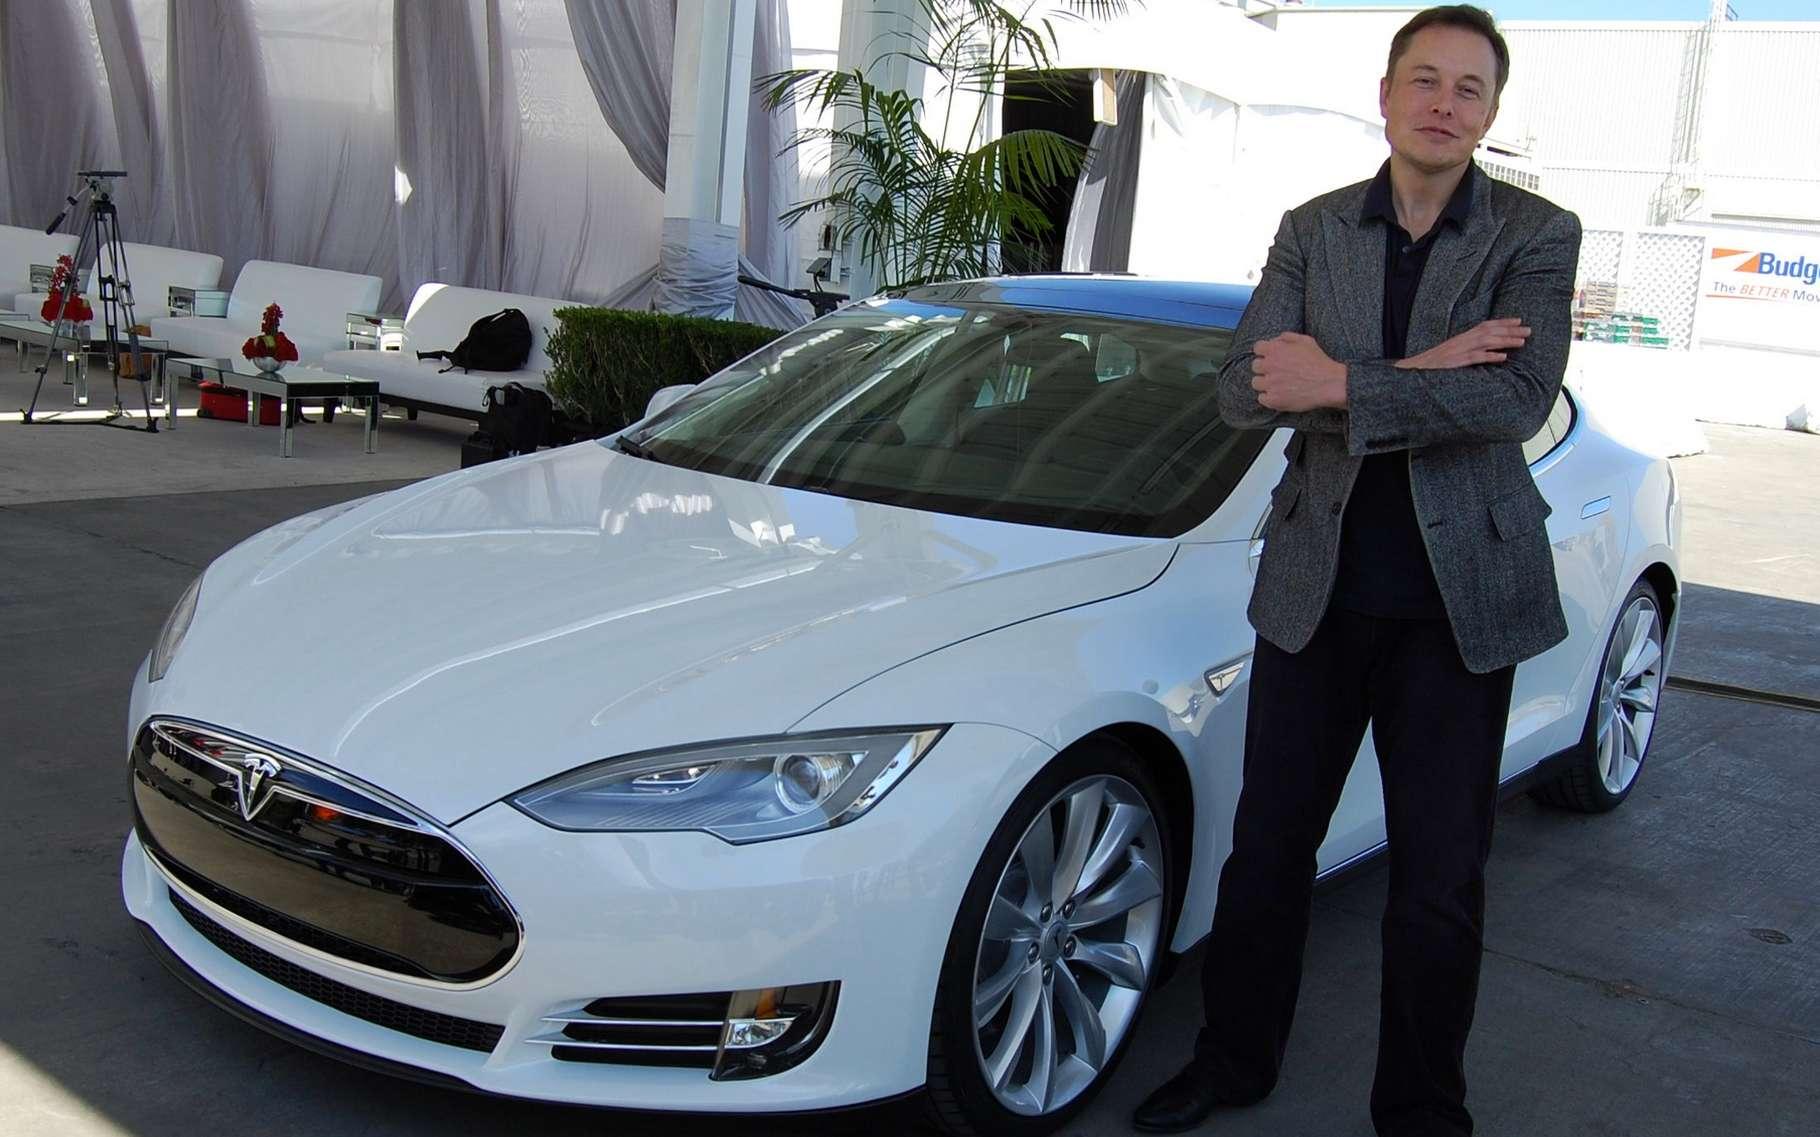 Dix ans après avoir annoncé et réalisé la première partie de son grand plan, Elon Musk prend à nouveau date avec une deuxième partie encore plus audacieuse. Sur cette photo de 2011, il pose devant une Tesla Model S. © Maurizio Pesce, Wikimedia Commons, CC by 2.0